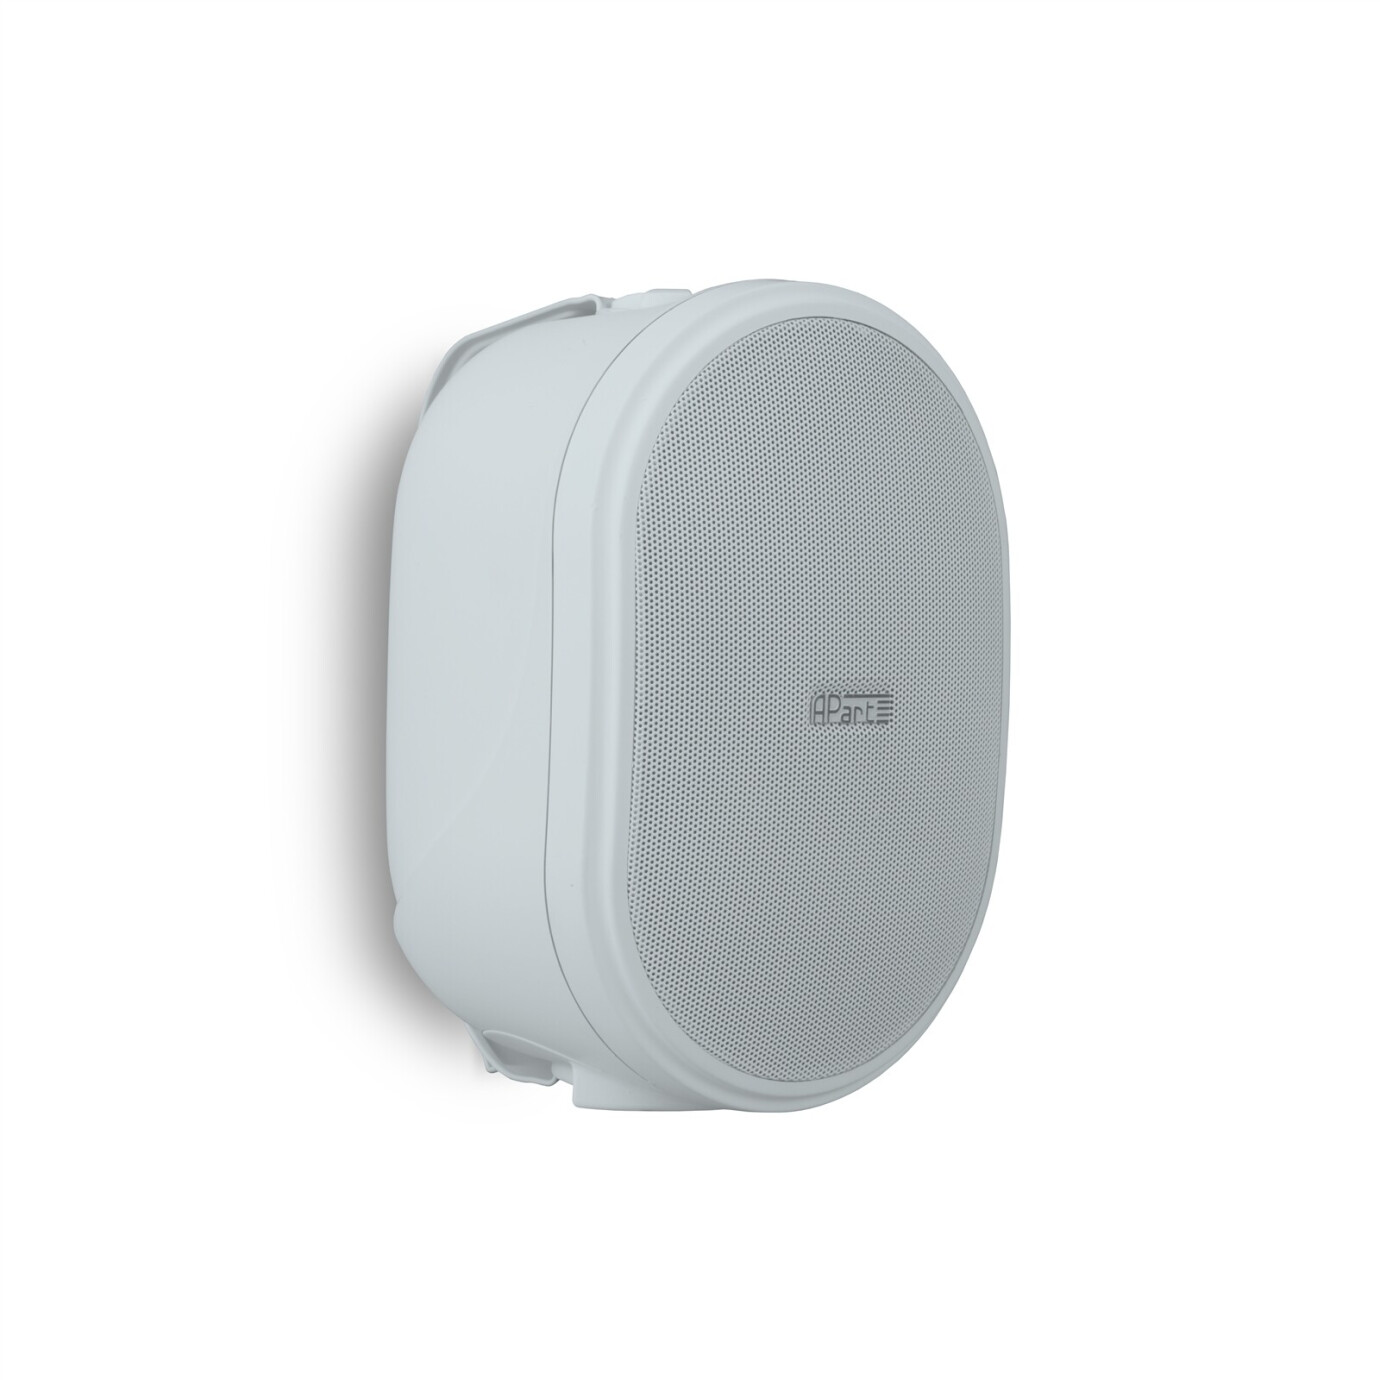 APart OVO5T Lautsprecher / 1 Paar -80 W 100 V Standard - weiß